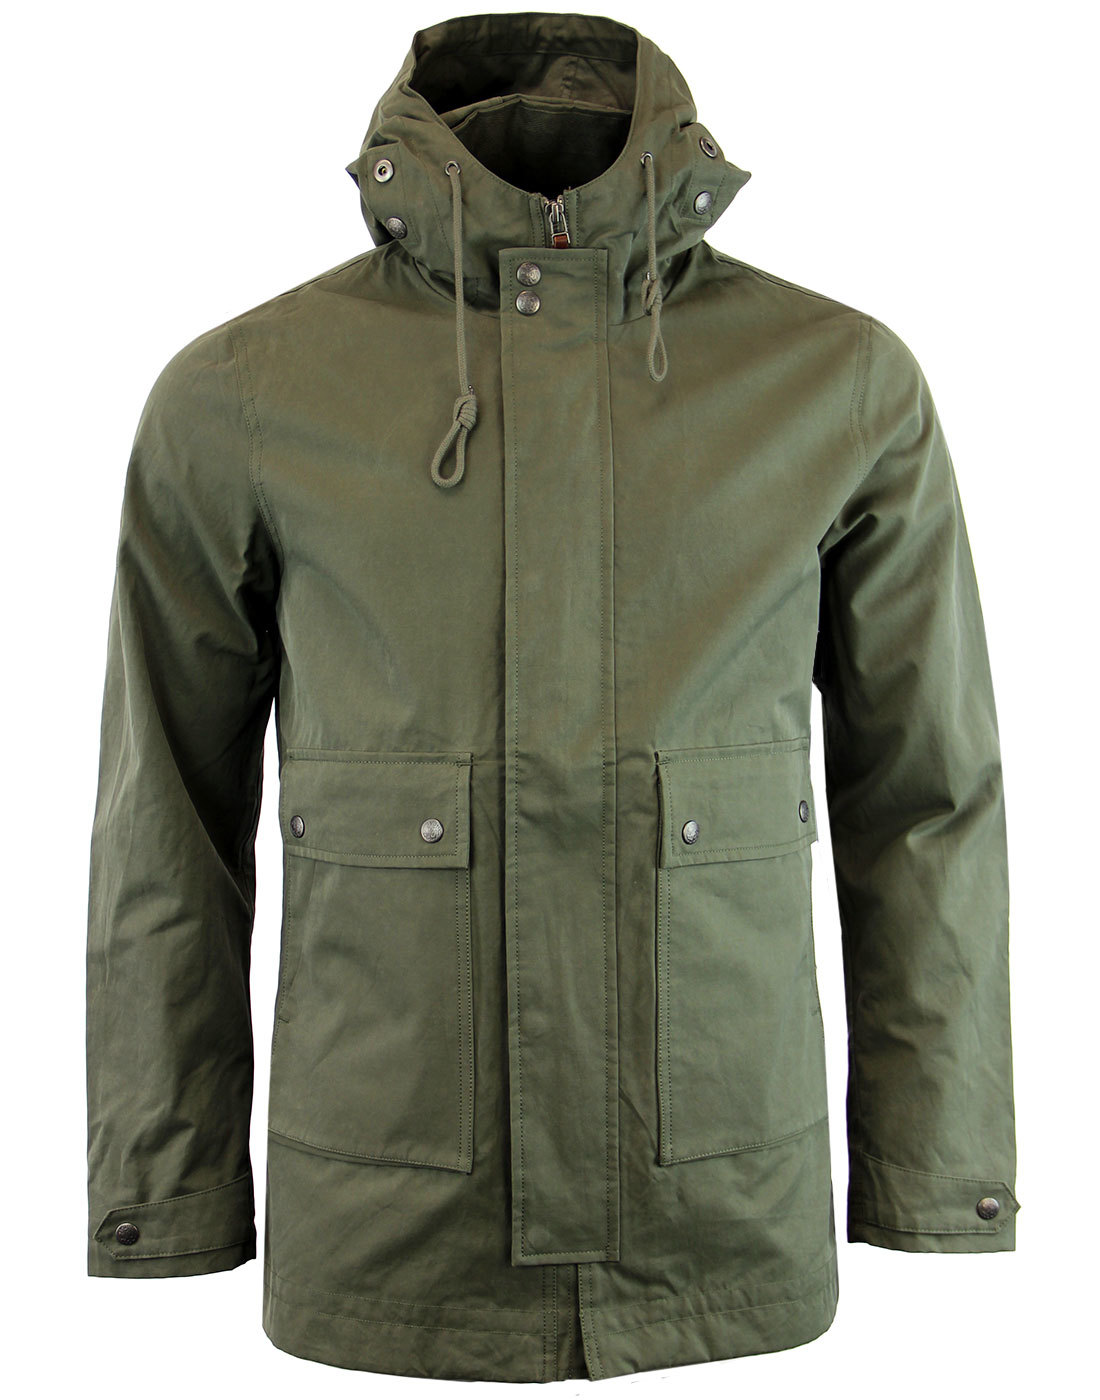 Whitworth PRETTY GREEN Sixties Retro Parka Jacket